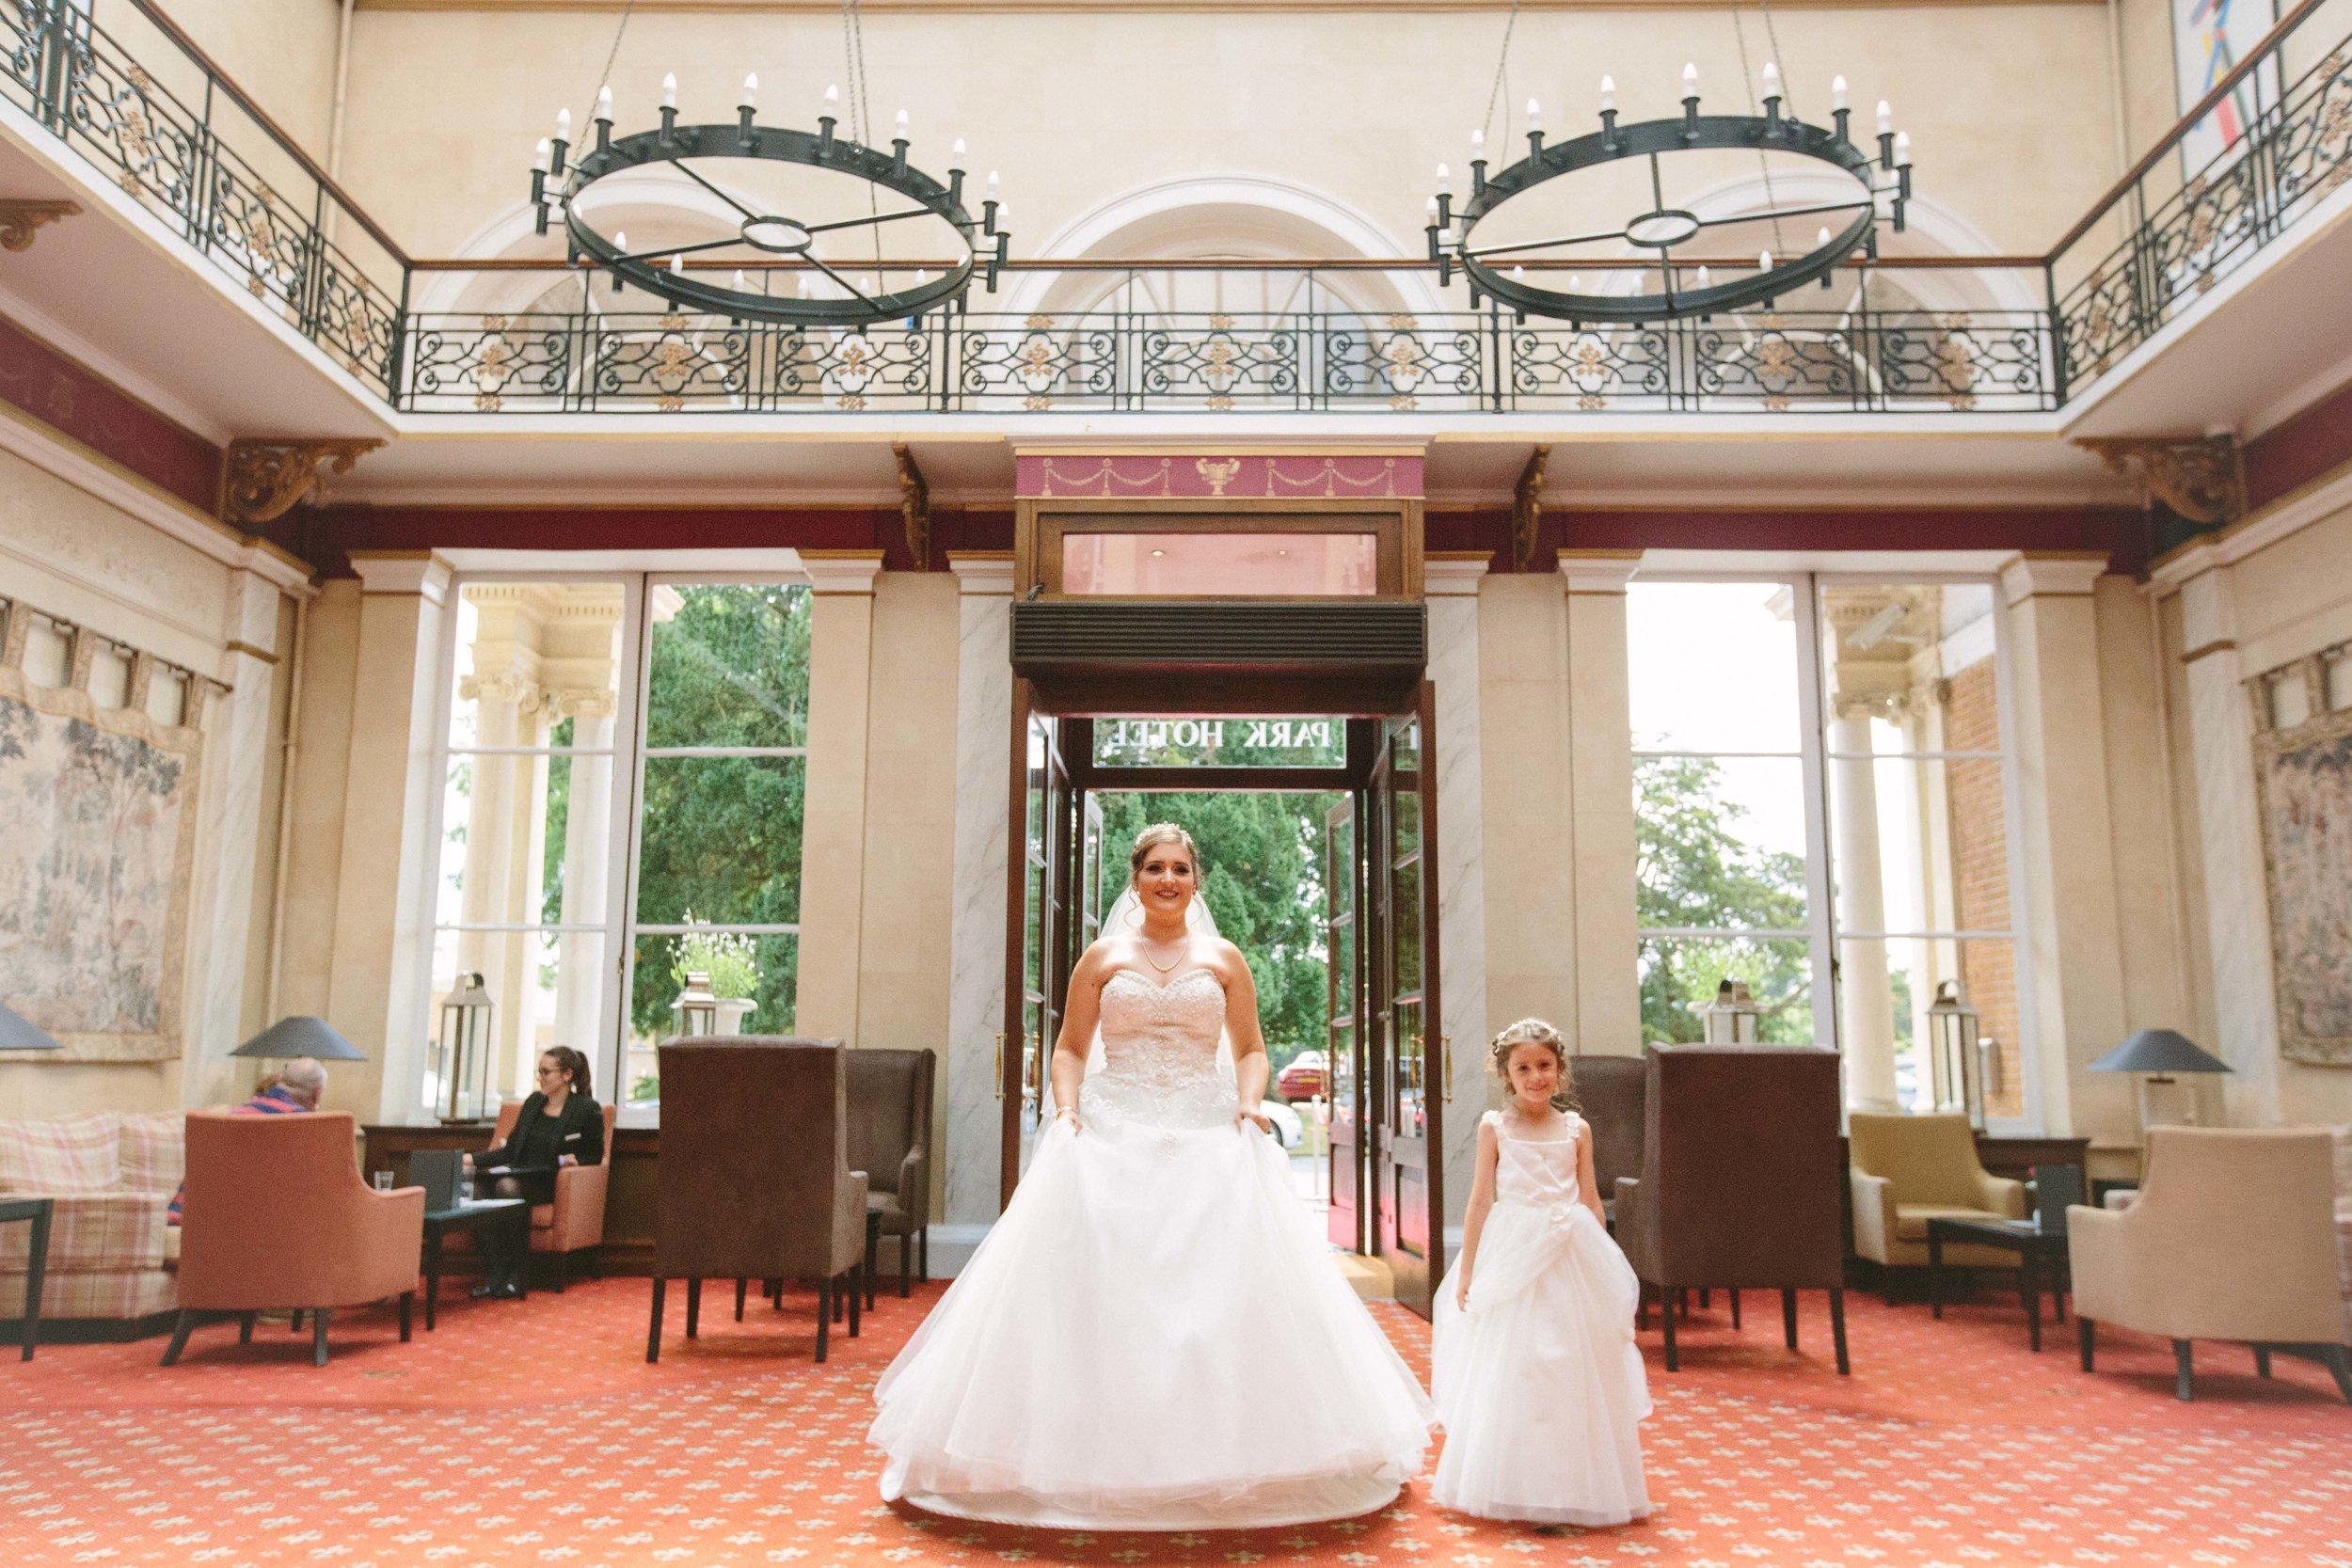 HamptonCourt-Wedding-Weybridge-Surrey-London-OatlandsParkHotel-19